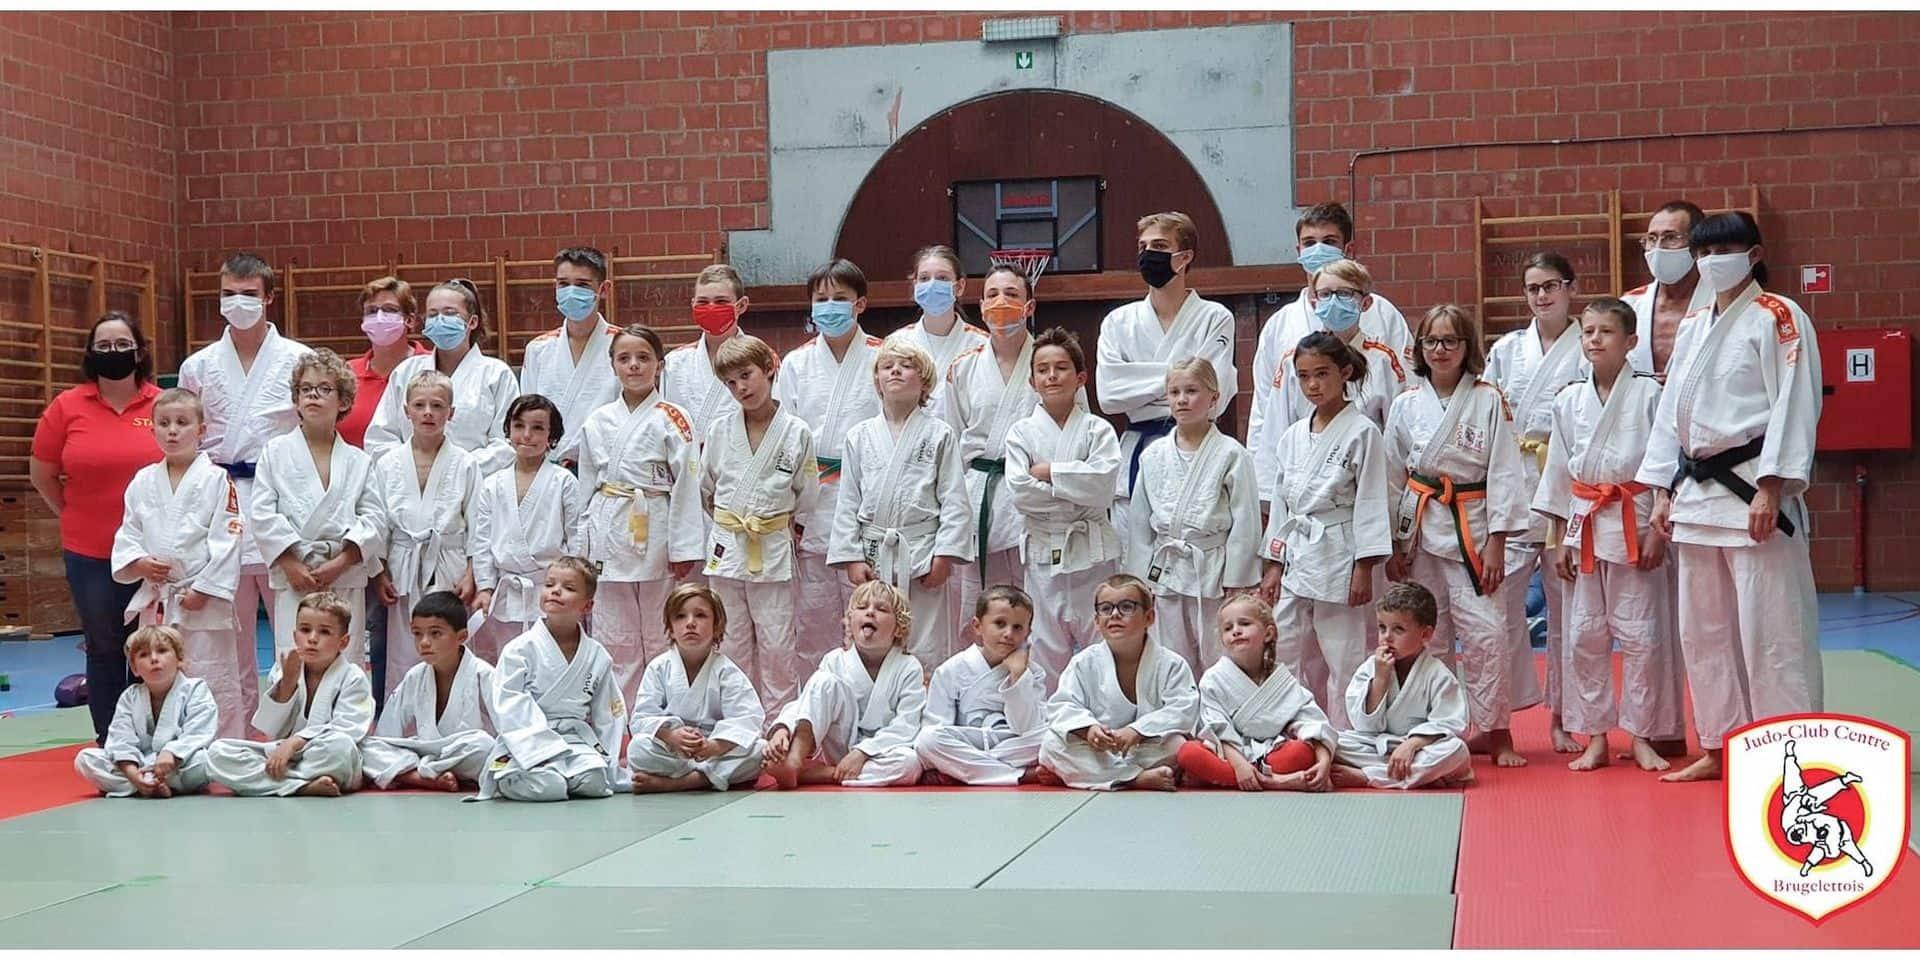 Malgré la crise sanitaire, une trentaine de nouveaux pratiquants ont rejoint le judo club de Brugelette en septembre dernier.